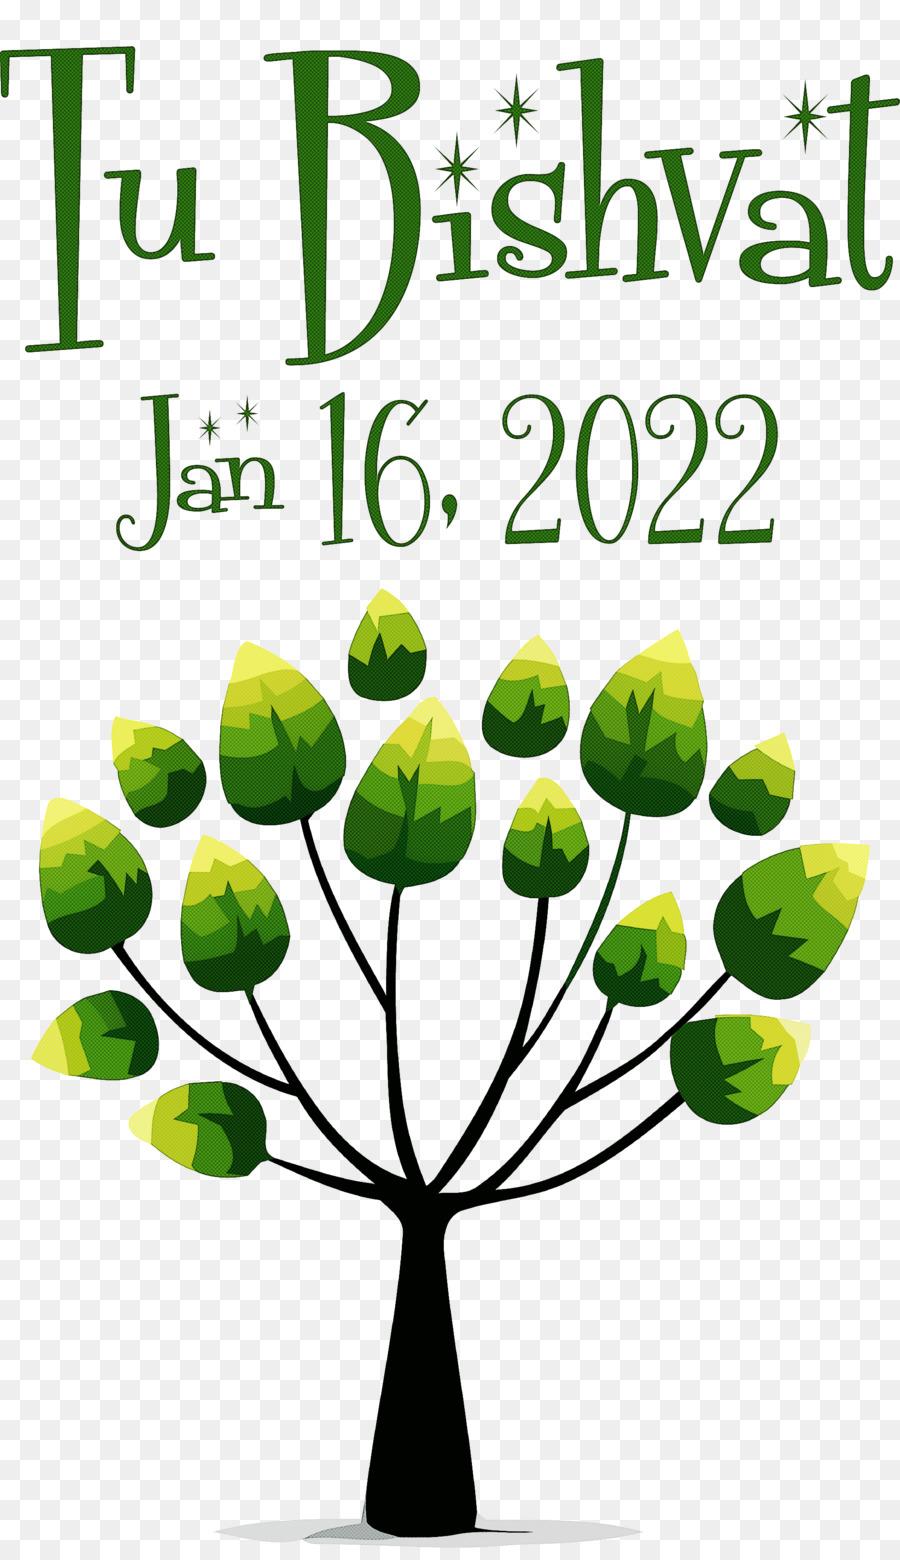 Descarga gratuita de Royaltyfree, árbol, Logotipo Imágen de Png